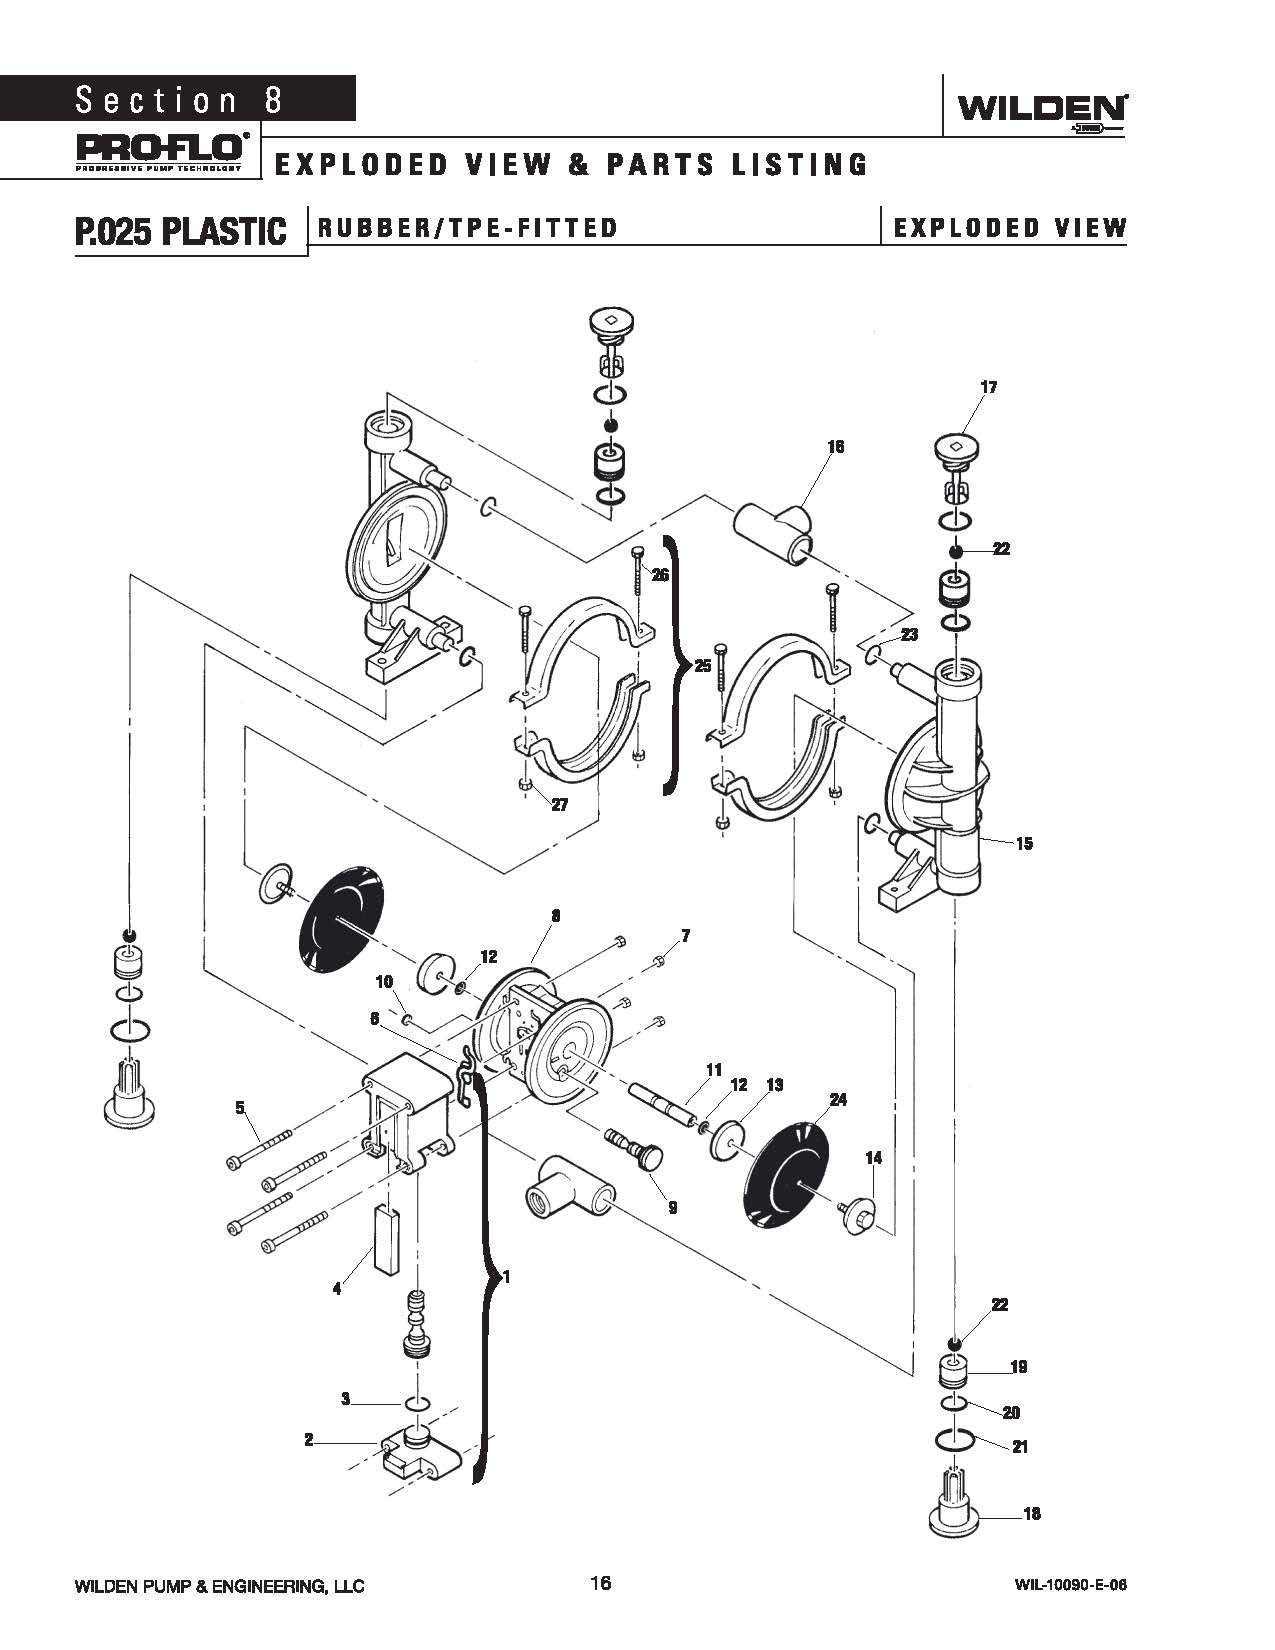 Wilden P 025 Plastic Rubber